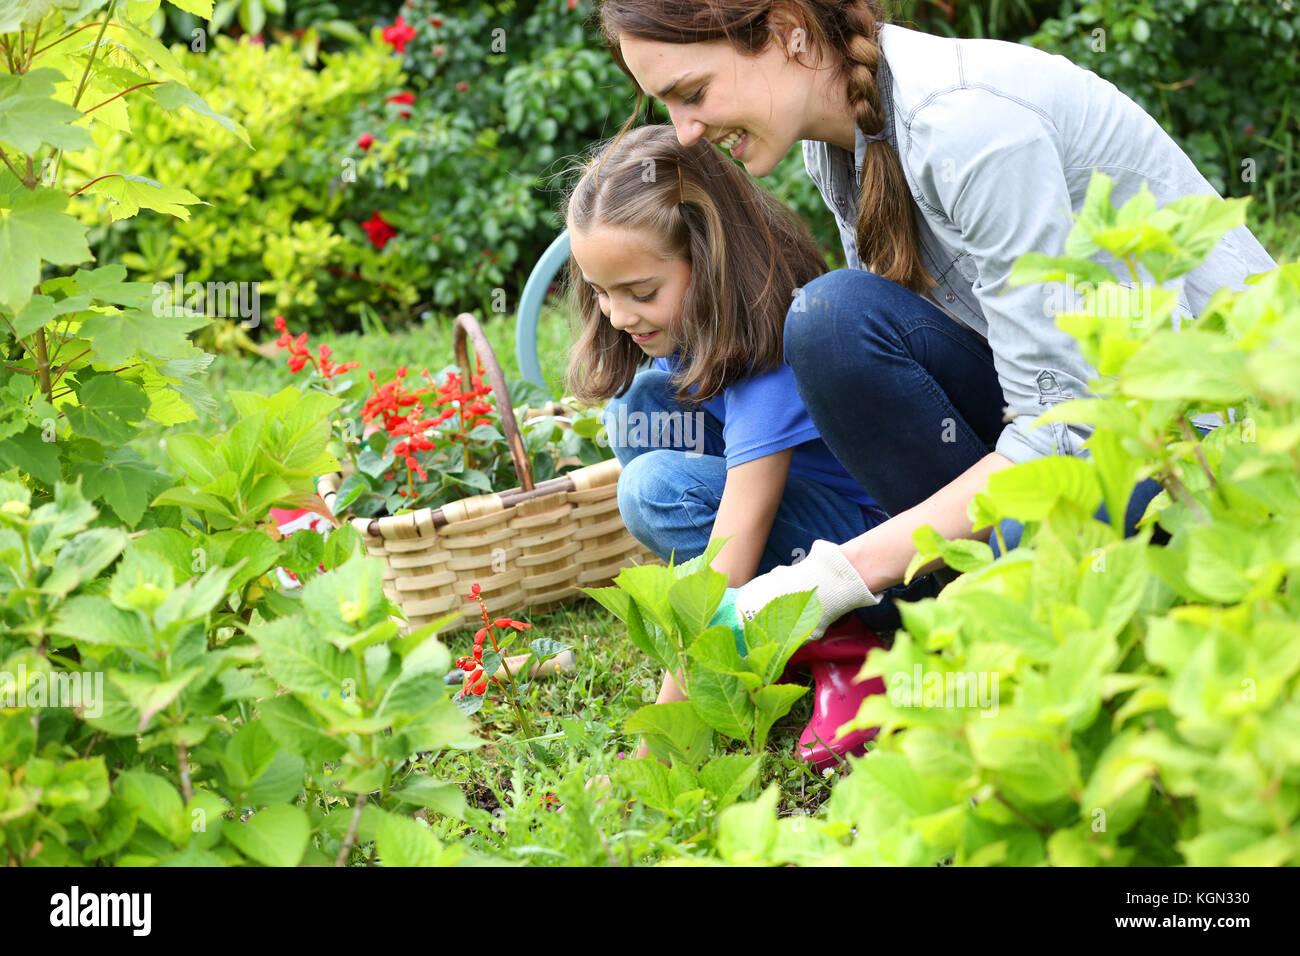 Bambina aiutando la madre a fare giardinaggio Immagini Stock